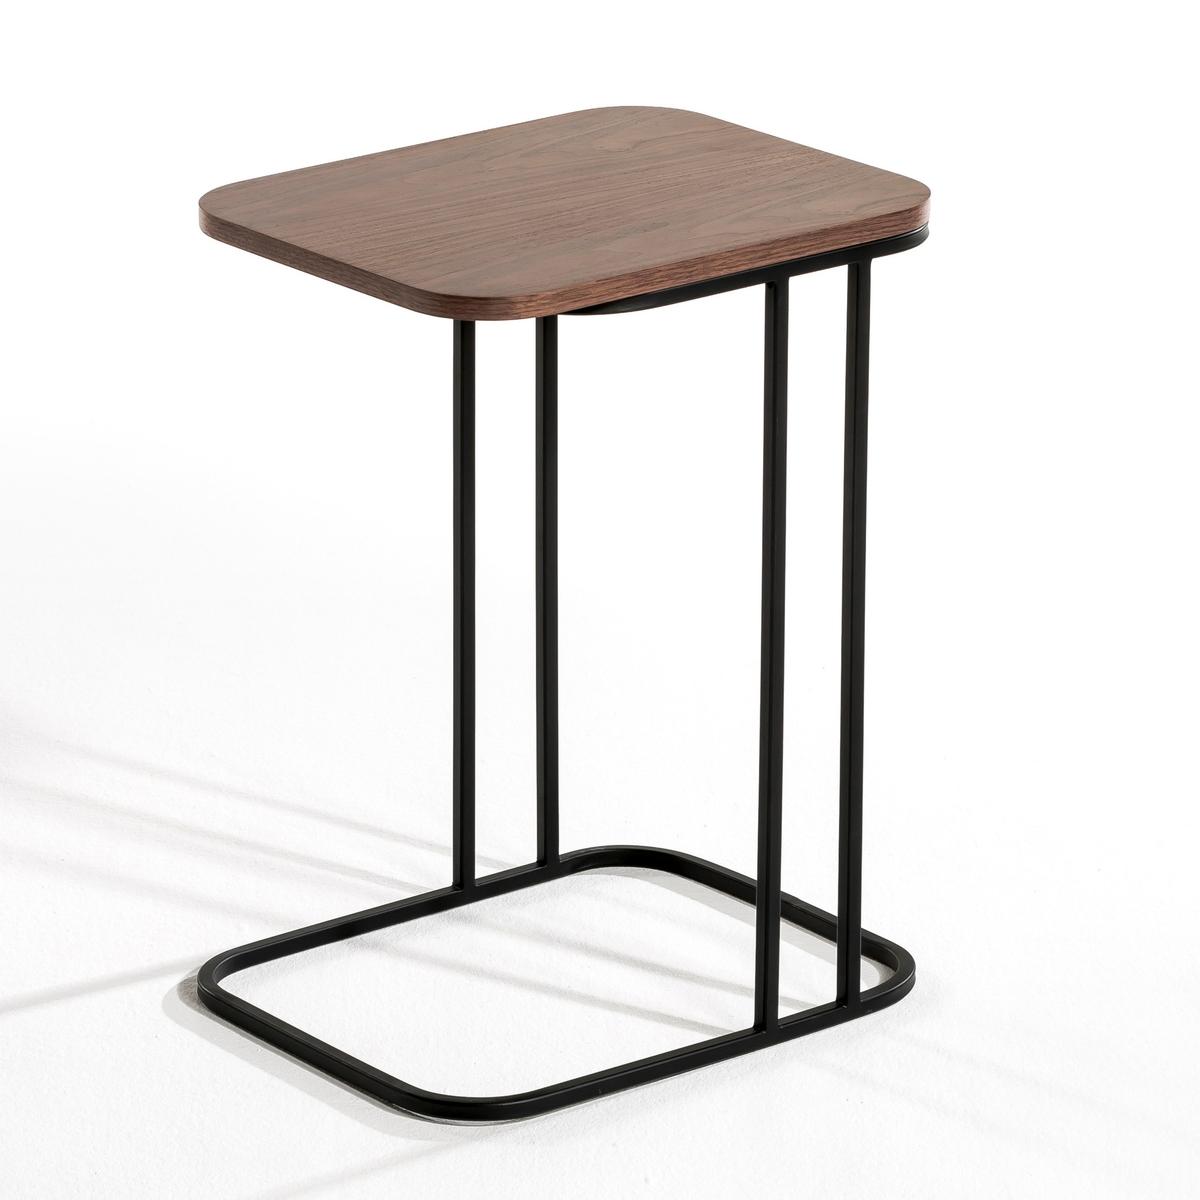 Придиванный LaRedoute Столик Trebor дизайн Э Галлины единый размер каштановый